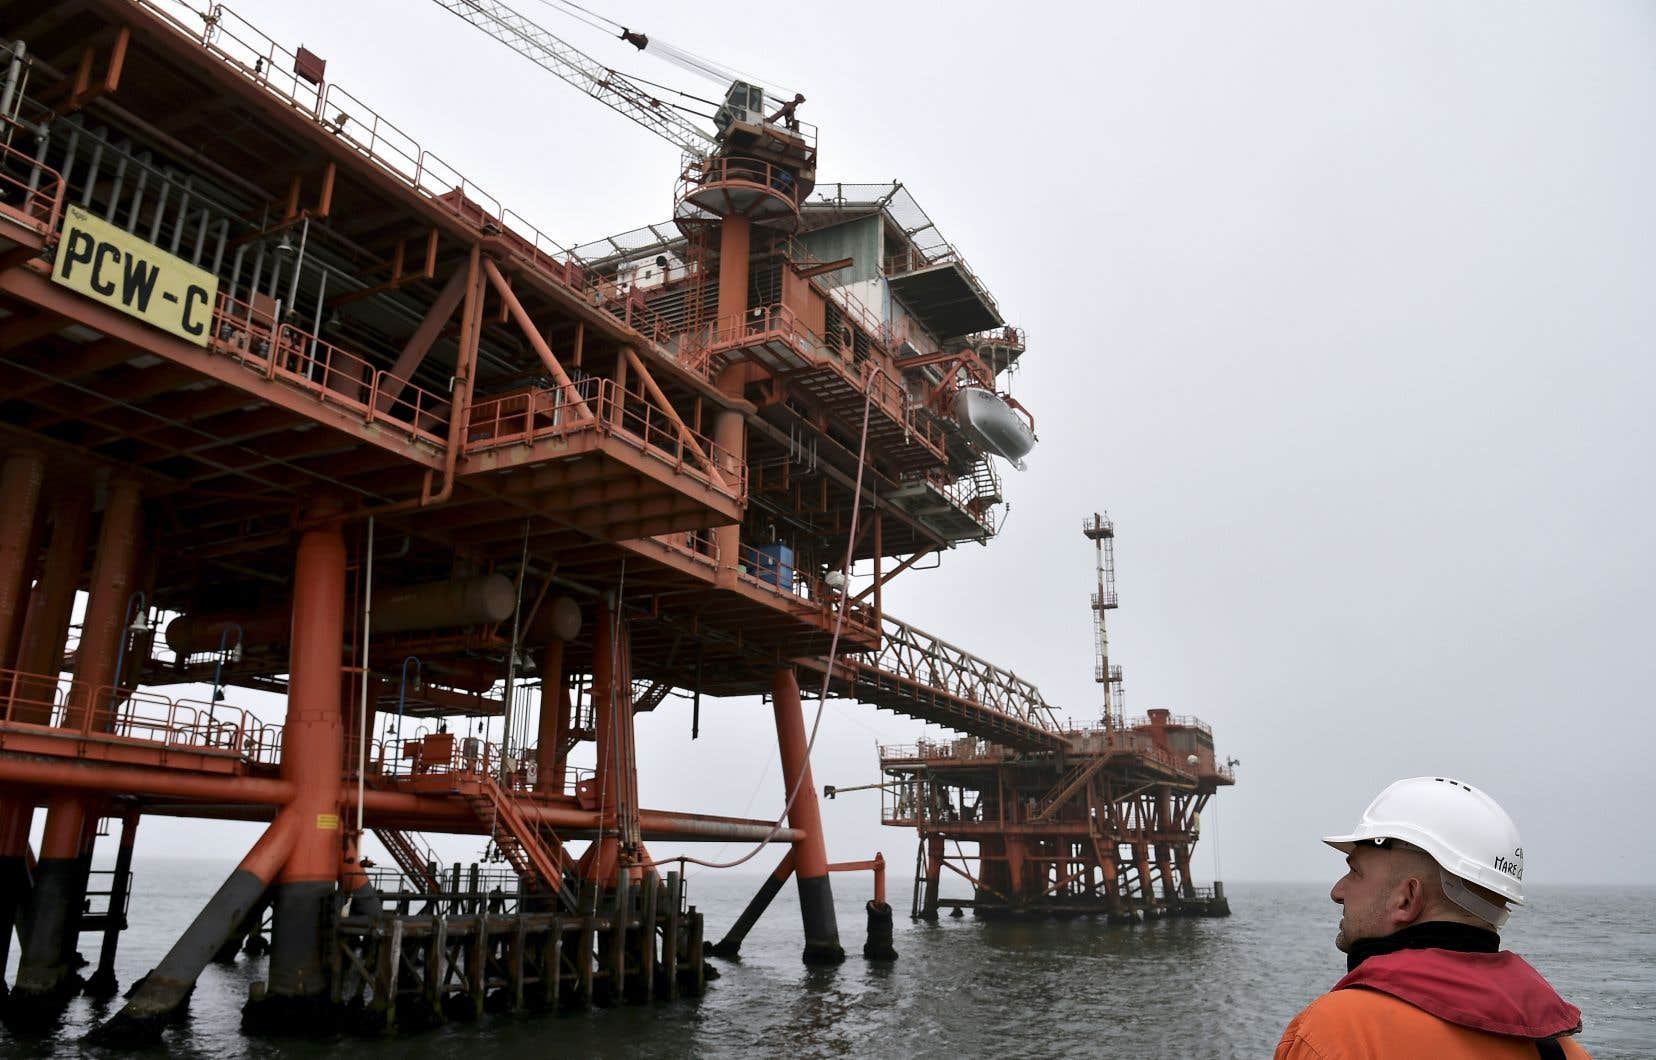 Le pic pétrolier sera atteint dans le courant de cette décennie probablement, selon Jean-Marie Dauger.